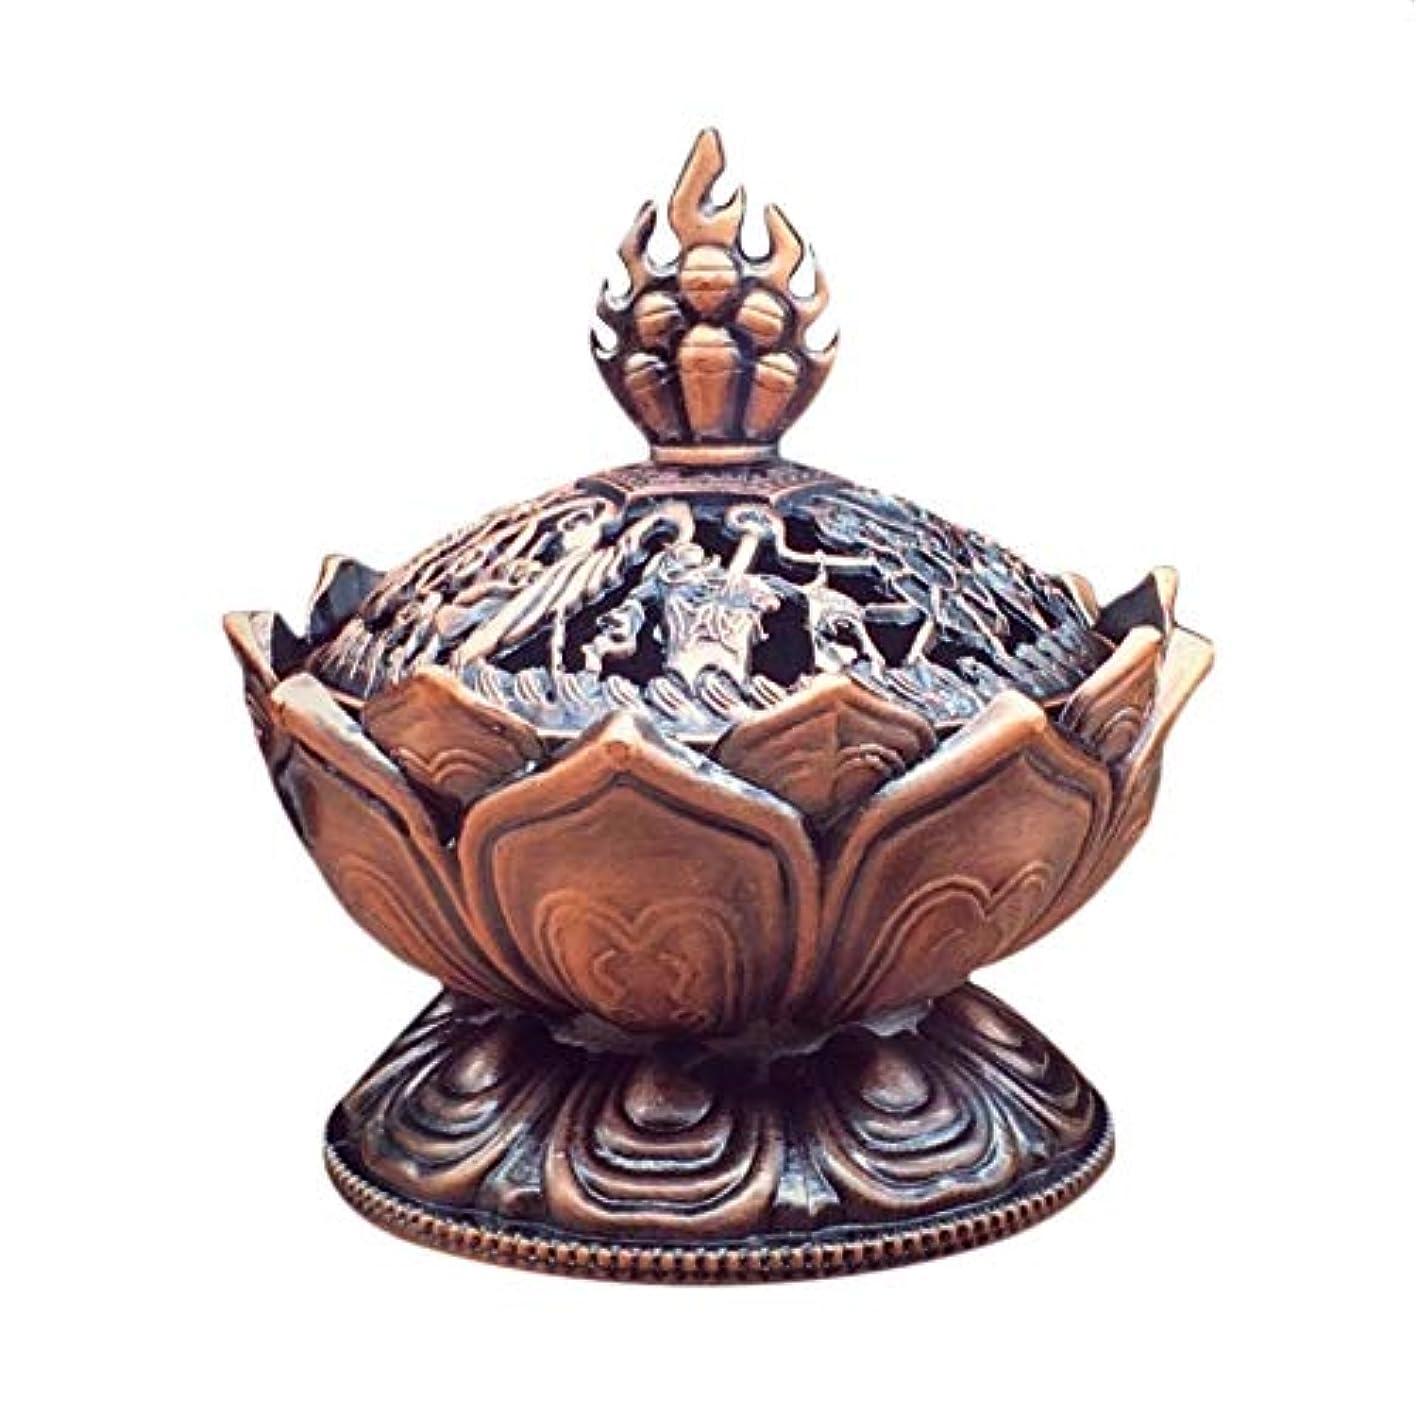 神経衰弱売るバンガローチベットロータス合金ブロンズミニ香炉メタルクラフトホームデコレーション